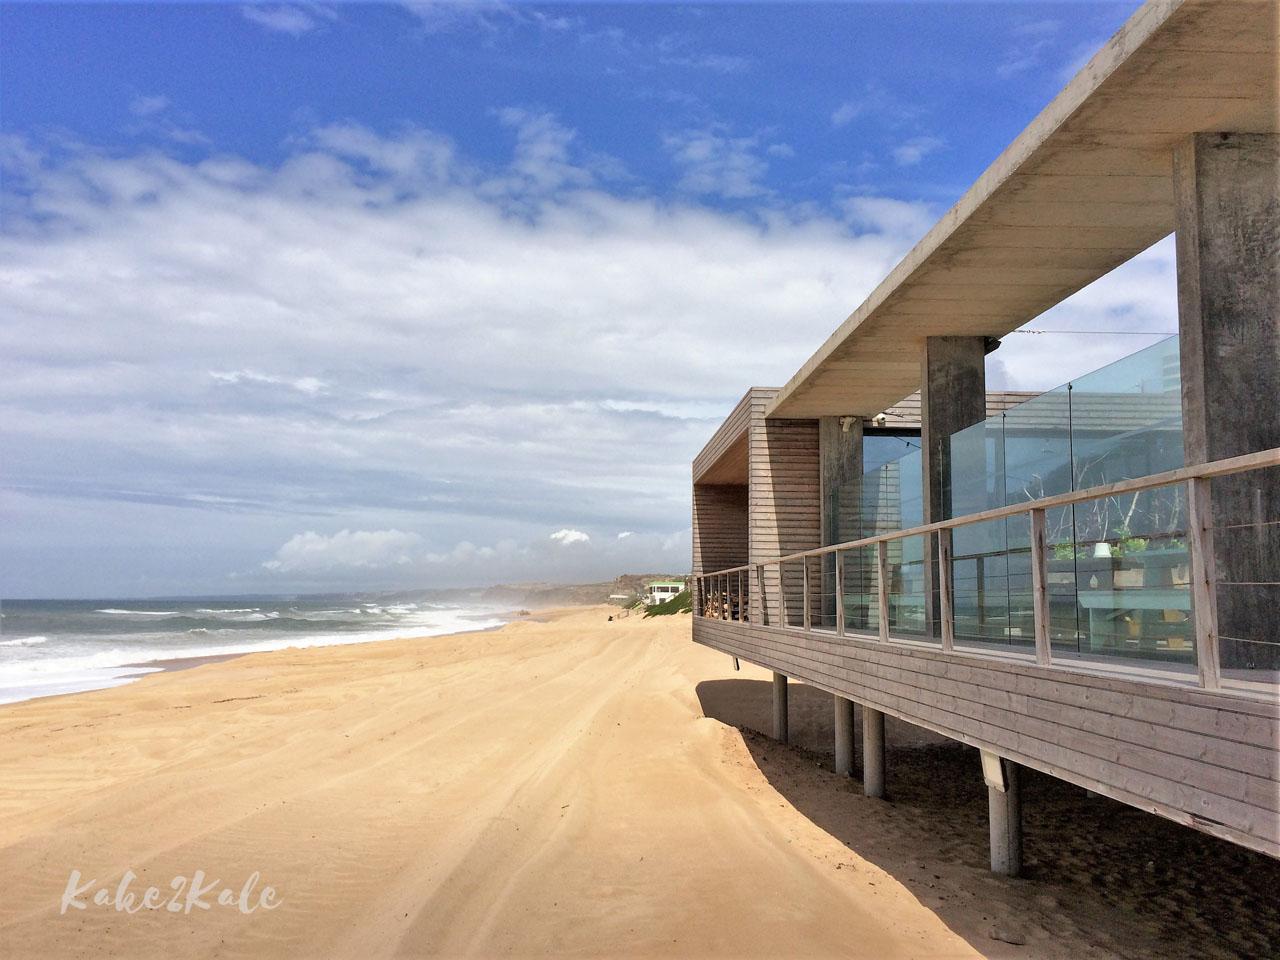 Kake2Kale Wild Coast Portugal - Noah Surf House (Santa Cruz)